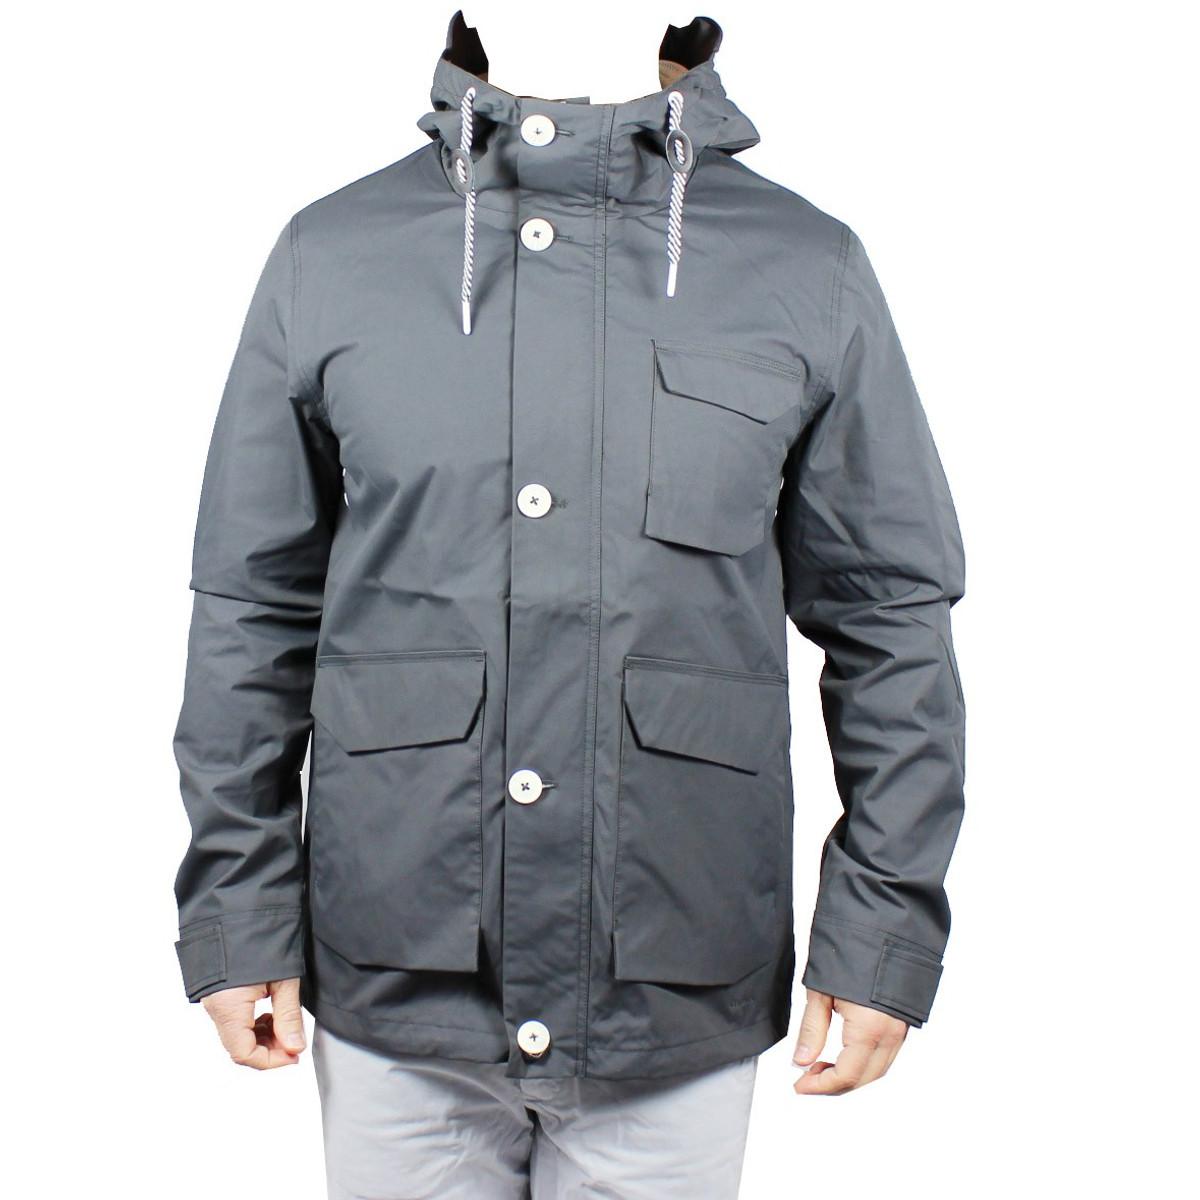 Elvine Bentley Jacke Übergang Dark grey dunkelgrau grau 151005 jacket d612ceee0c